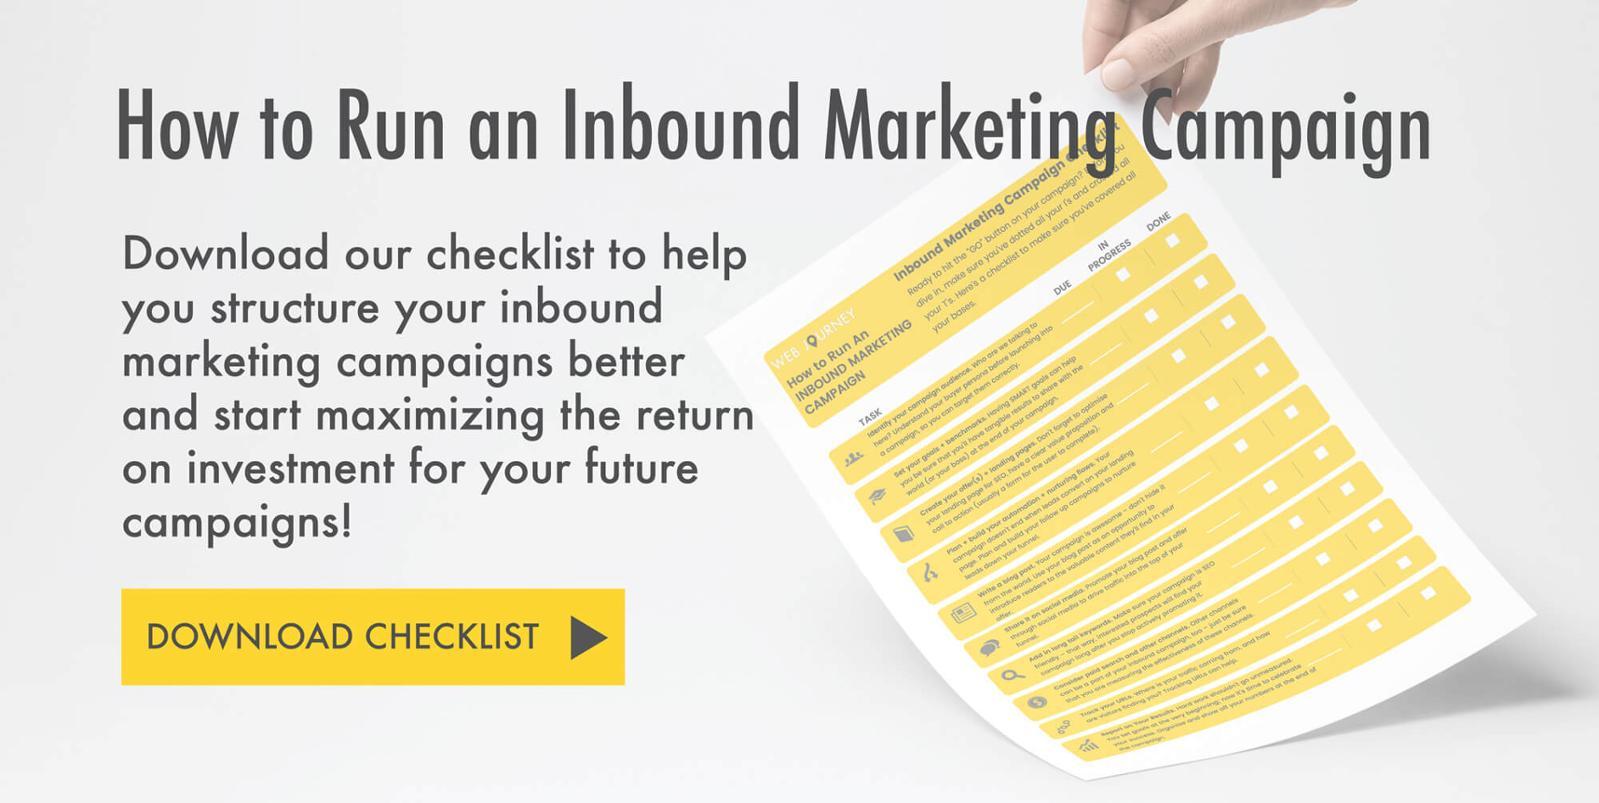 MOF - Checklist for Running Inbound Marketing Campaigns